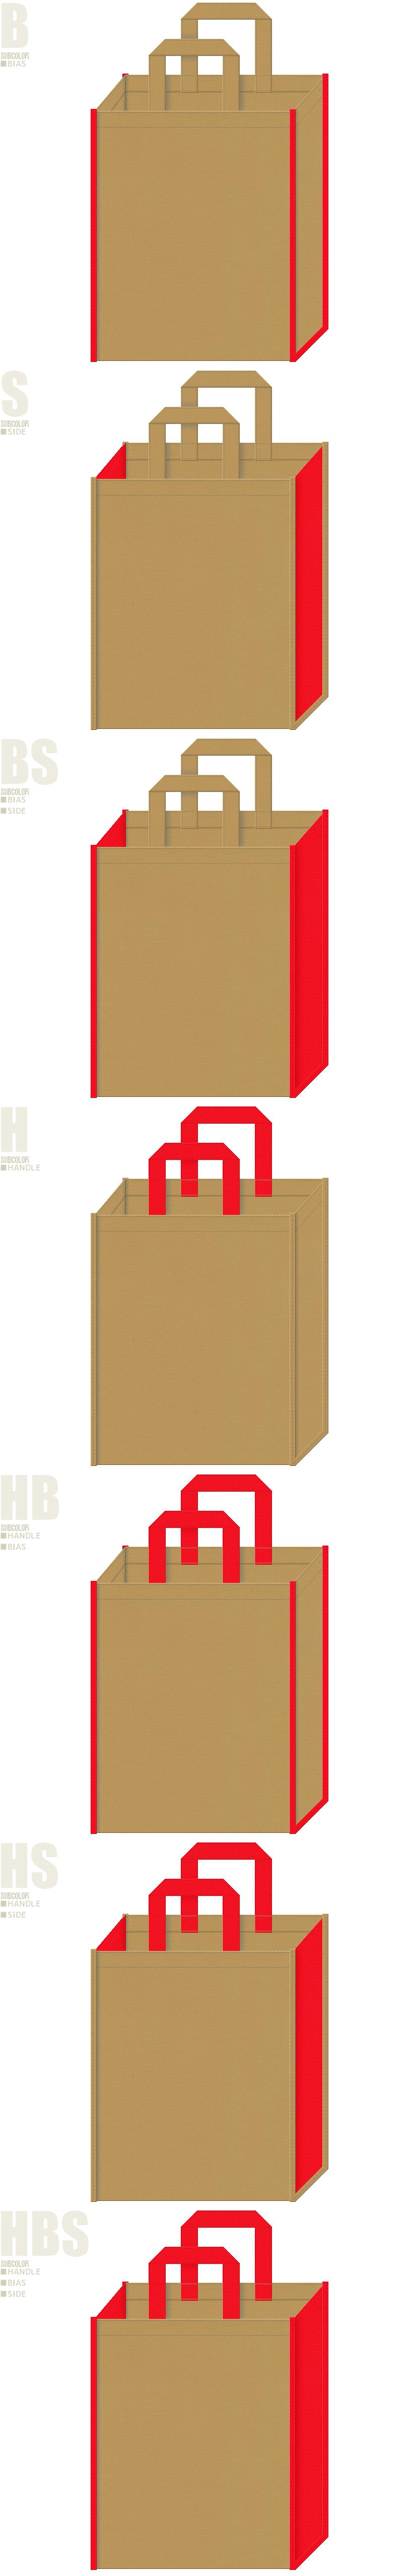 赤鬼・節分・大豆・一合枡・和風催事にお奨めの不織布バッグデザイン:金黄土色と赤色の配色7パターン